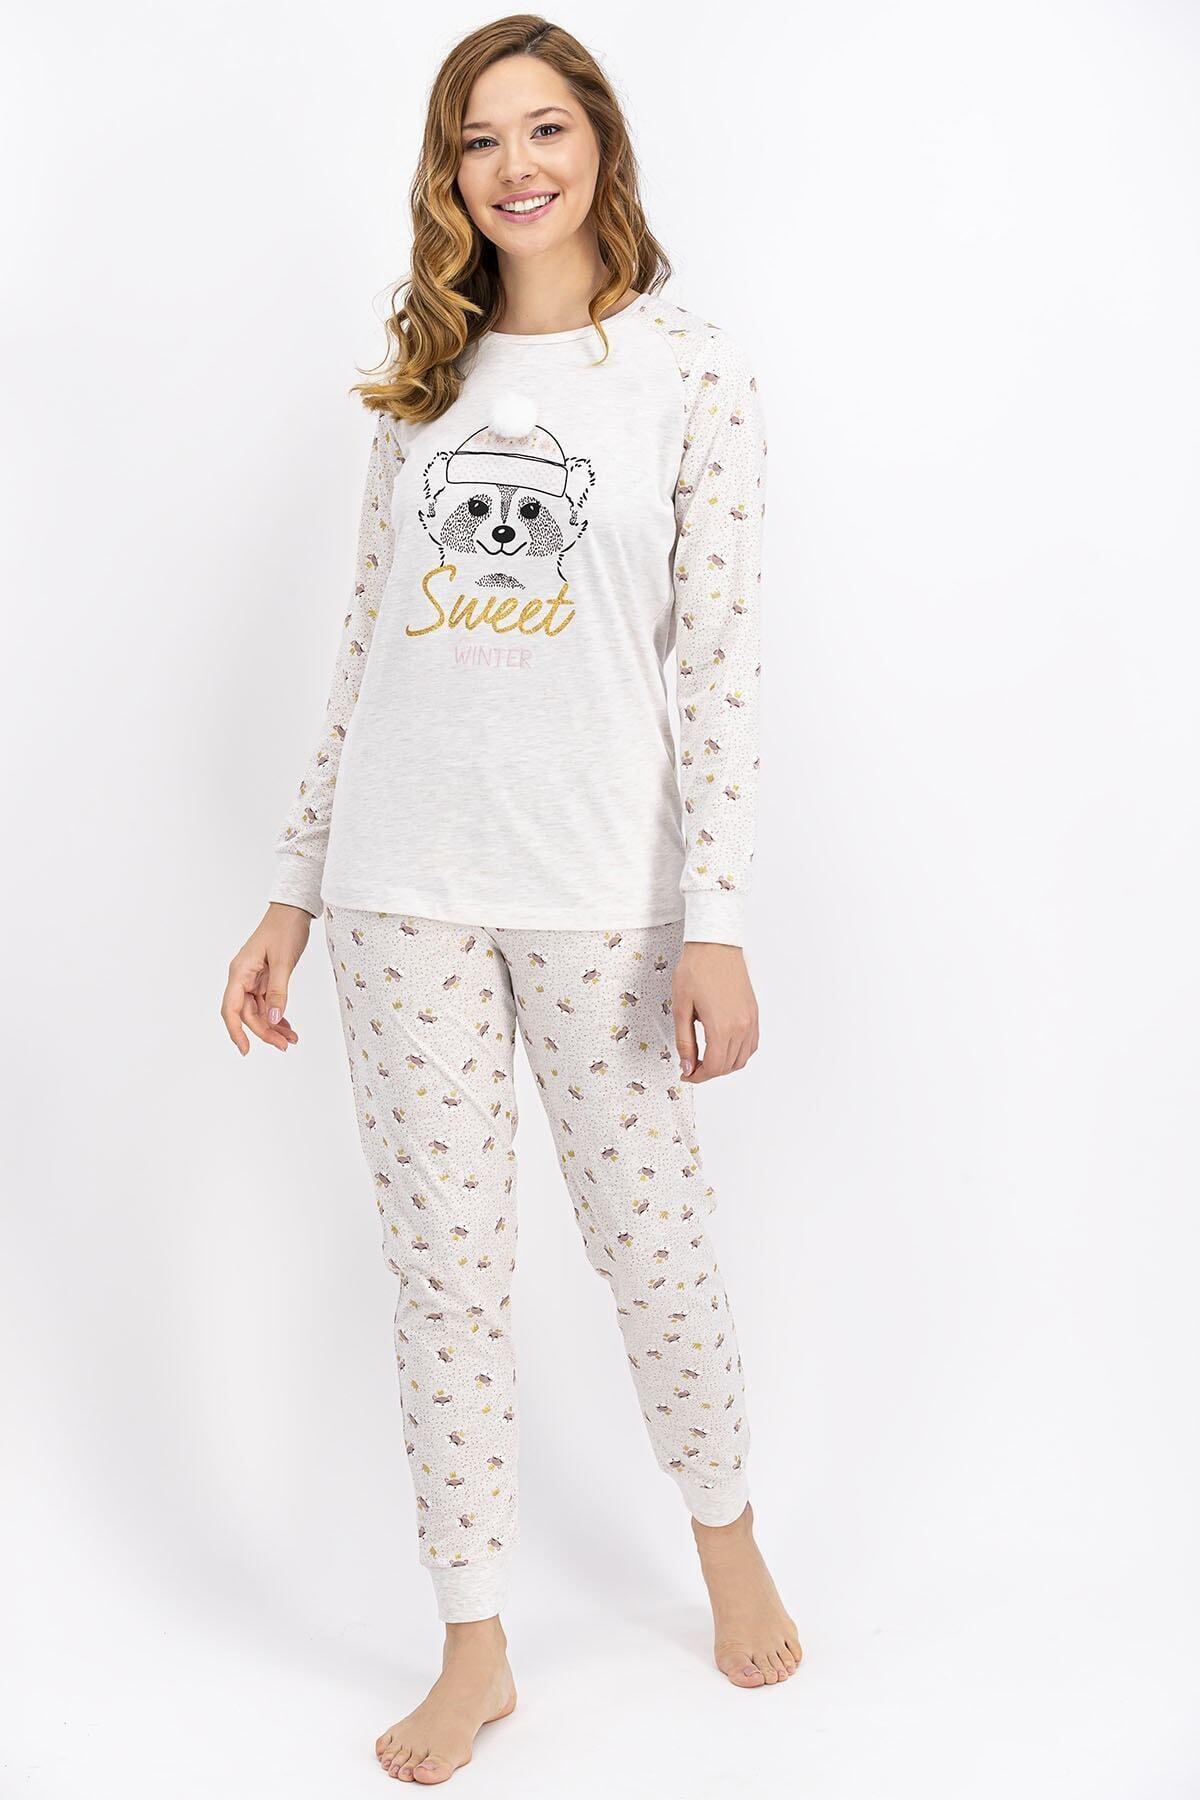 ROLY POLY Kadın Kremmelanj Sweet Winter Pijama Takımı 1